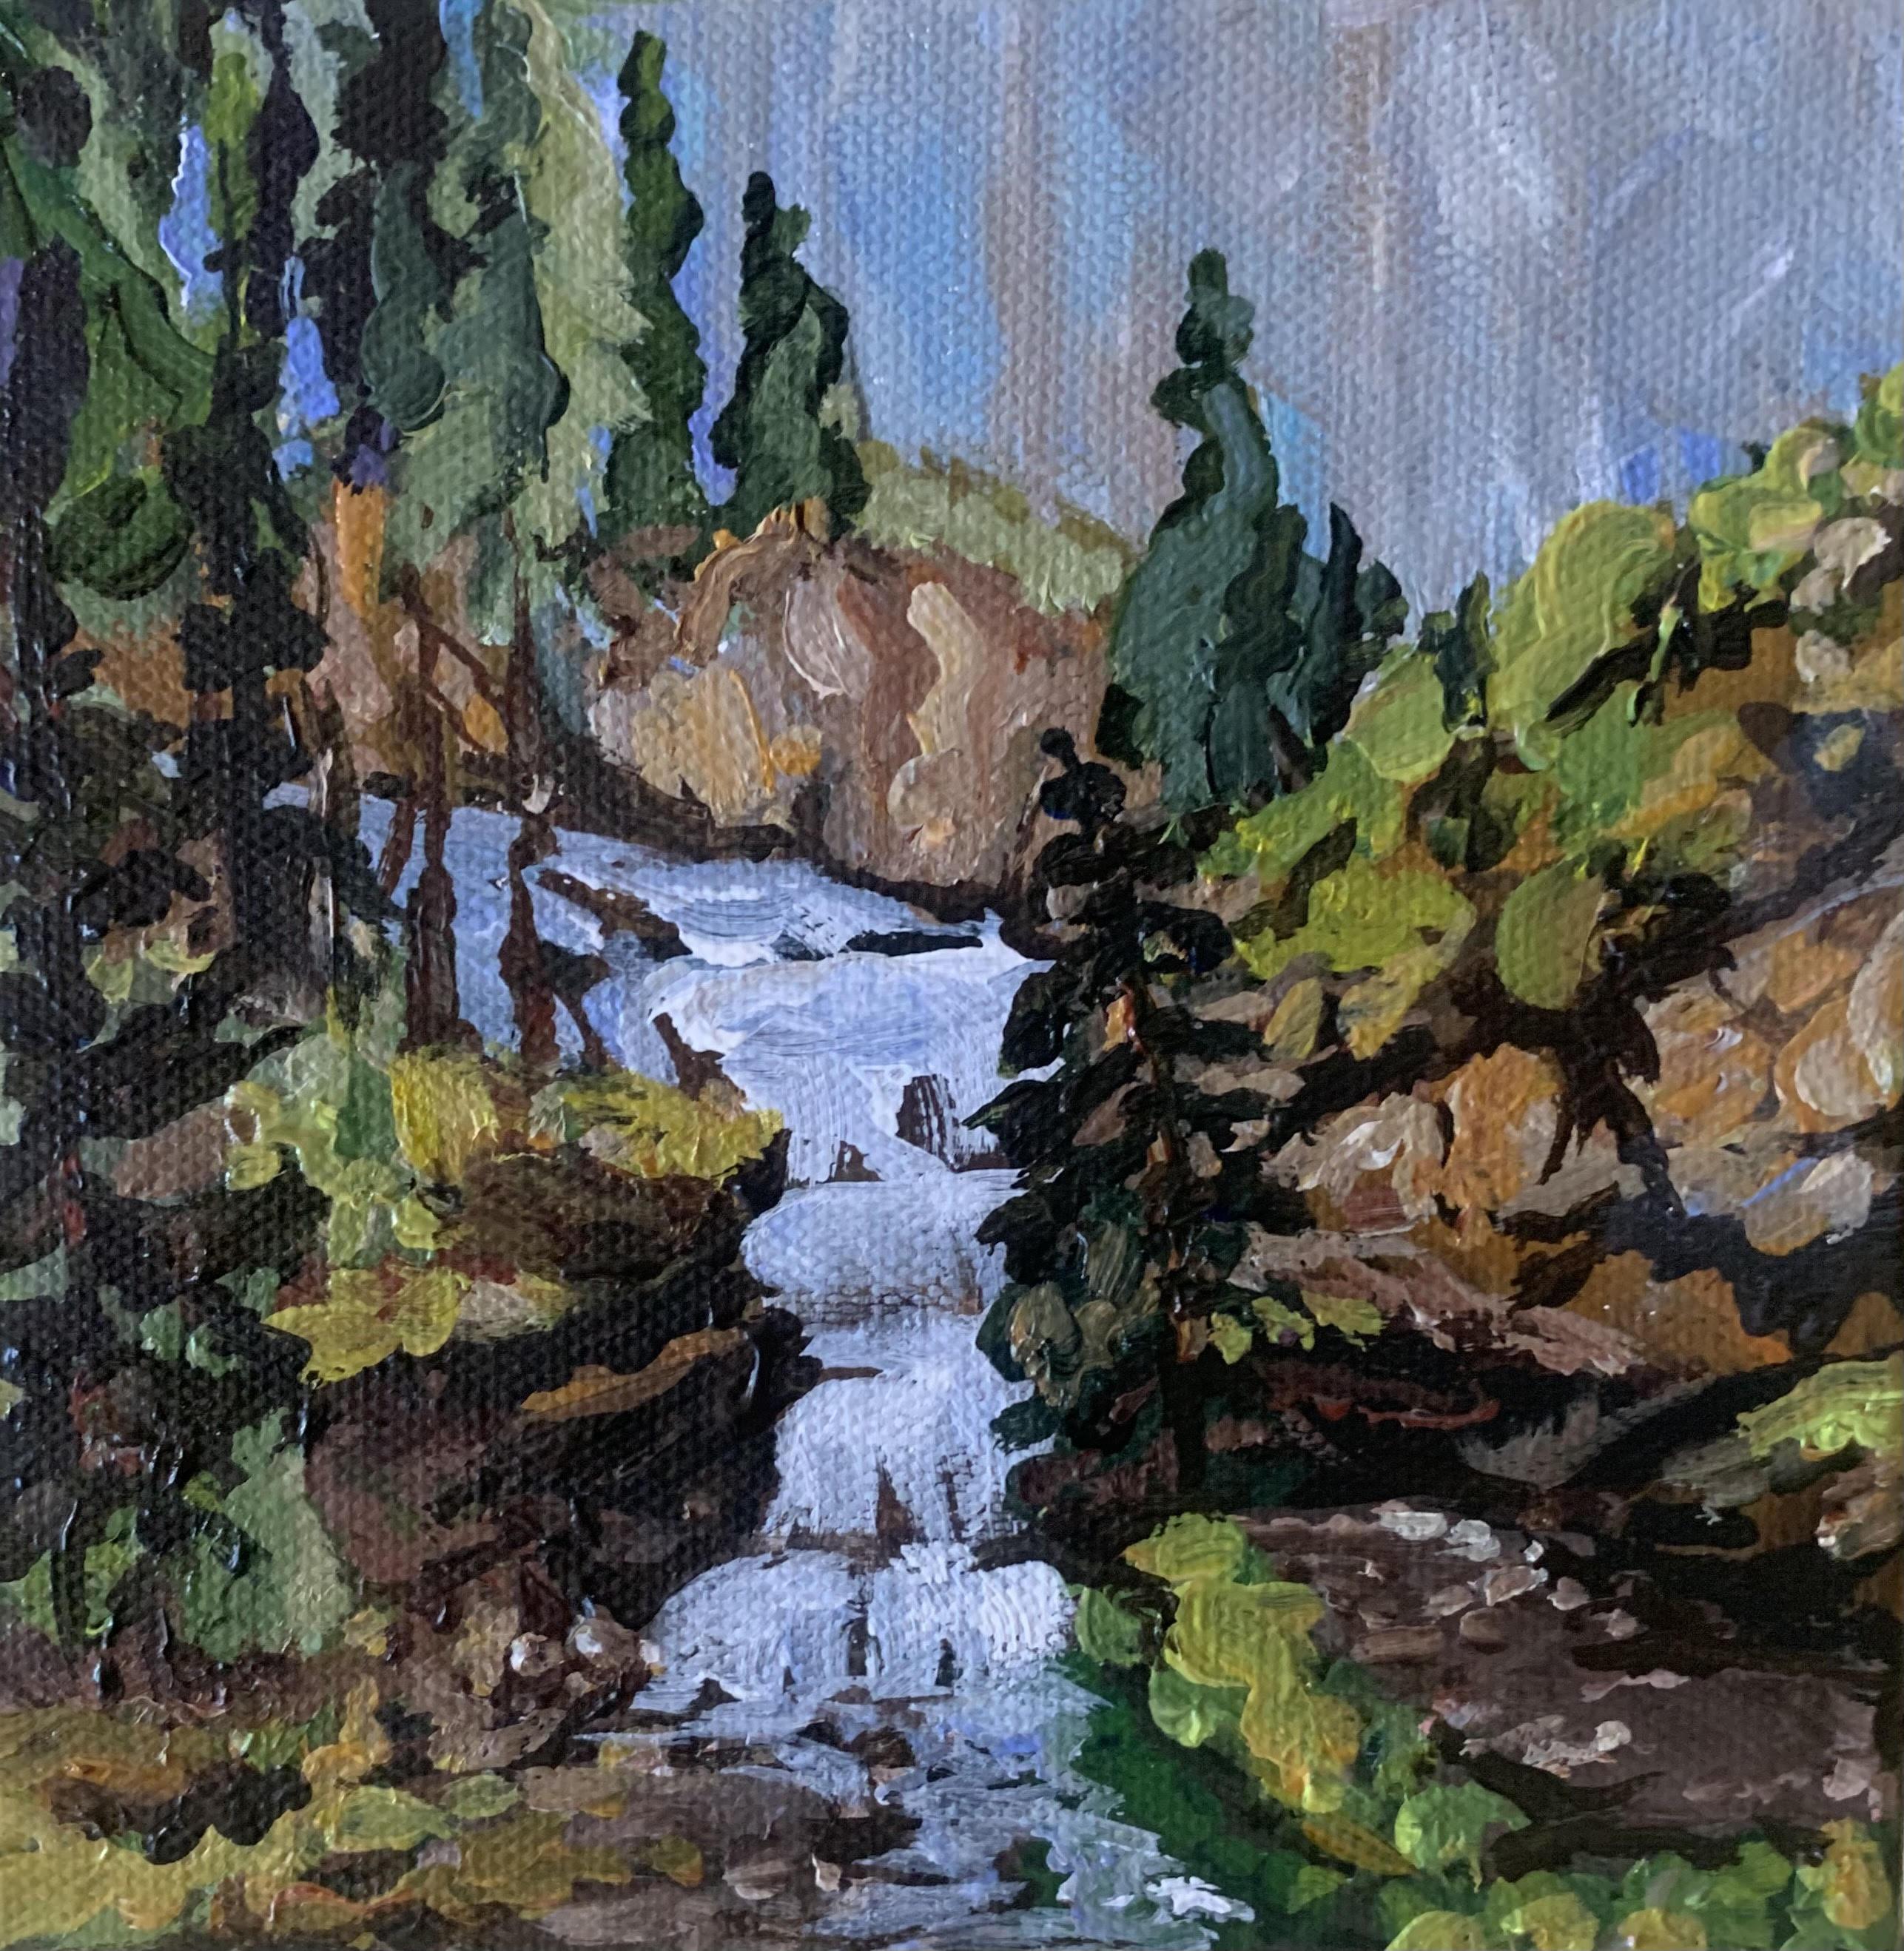 'Flowing Waters